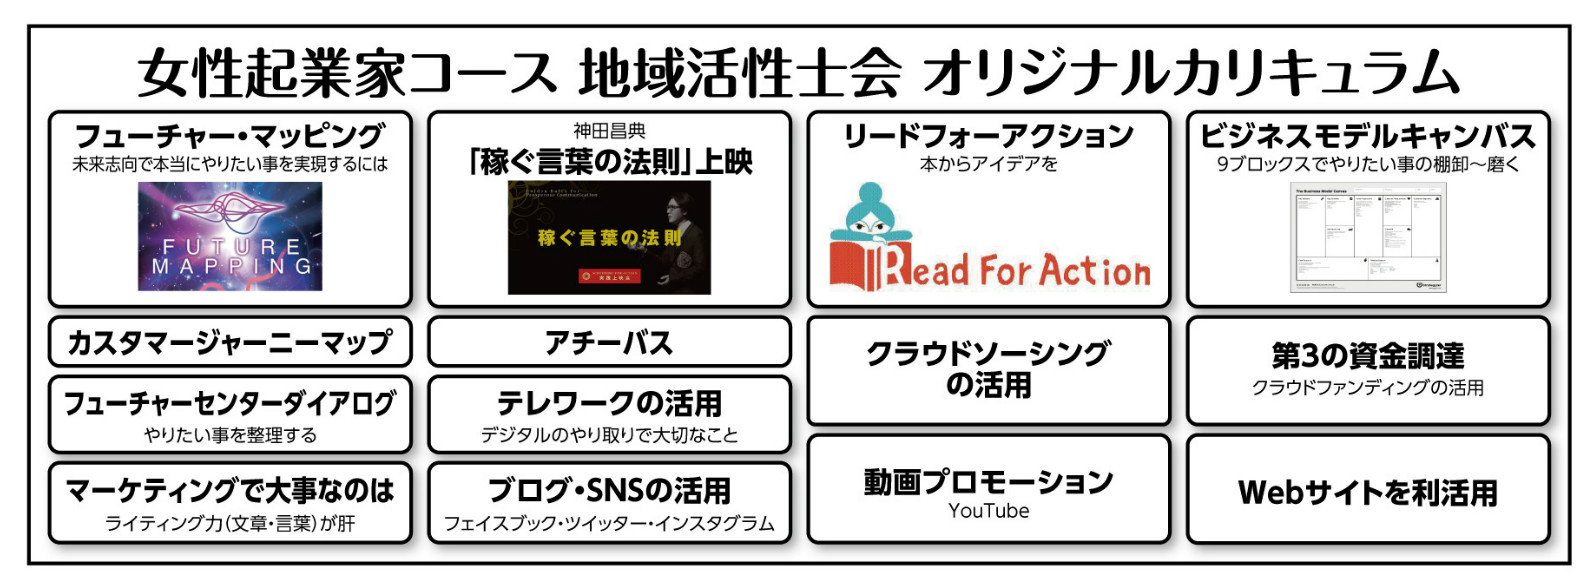 徳島創業スクール 独自カリキュラム